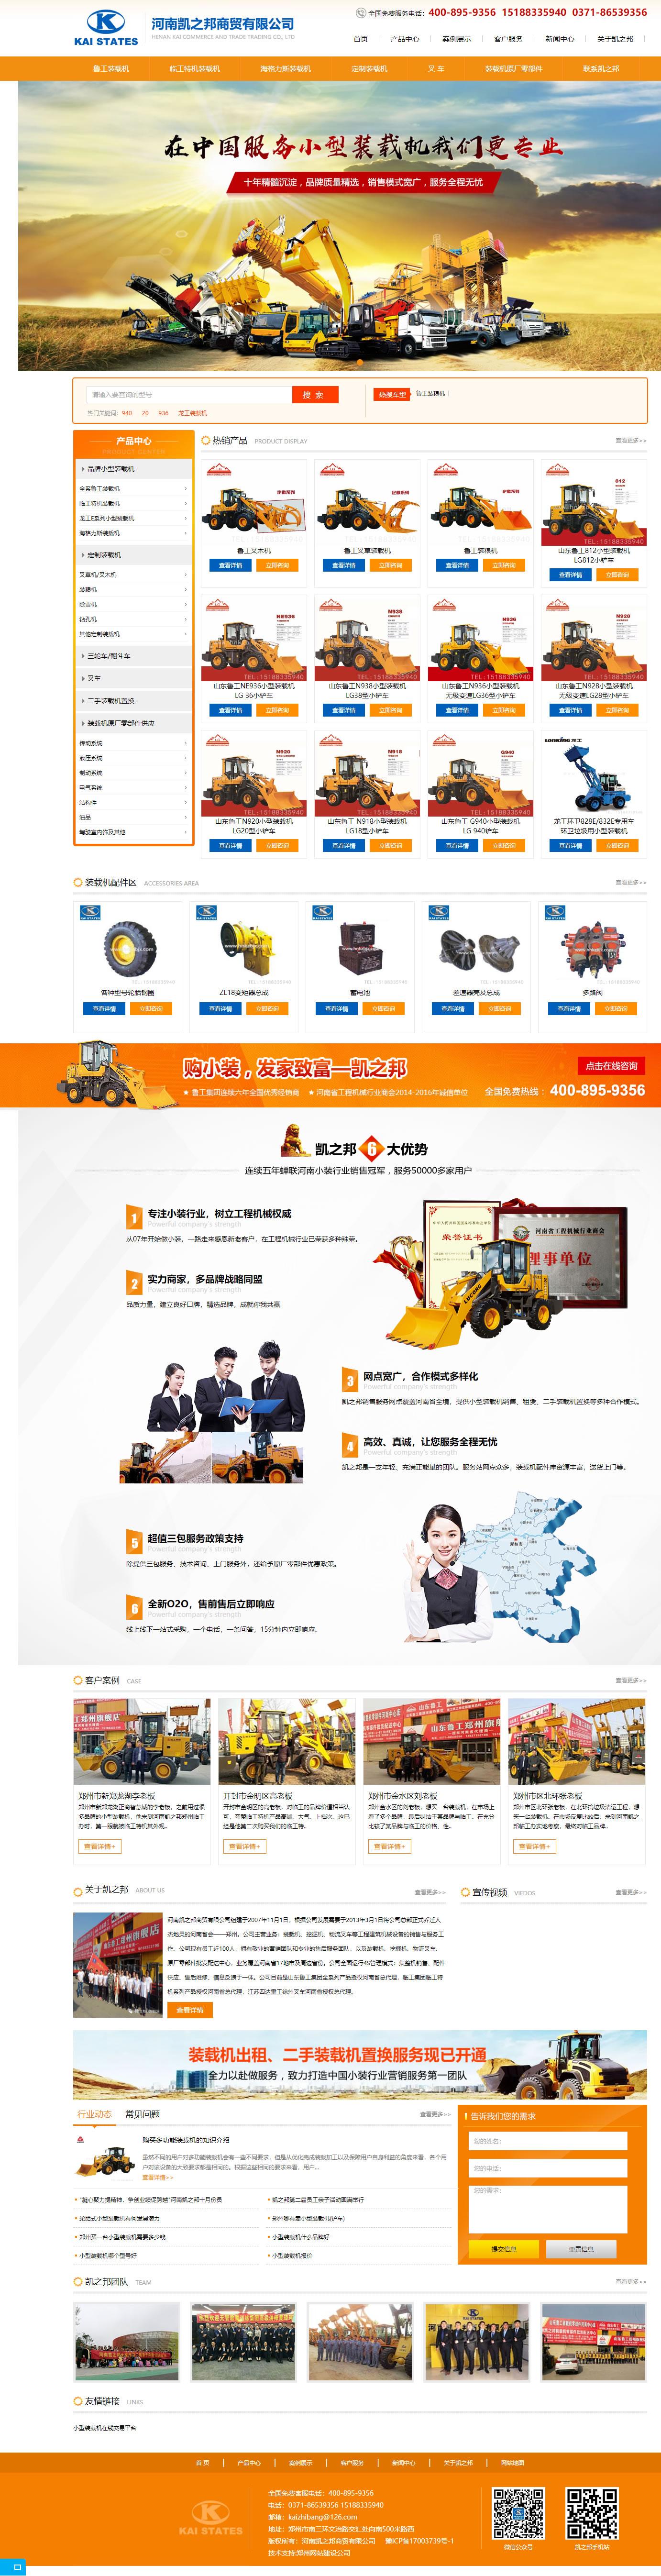 河南凯之邦商贸有限公司网页效果图